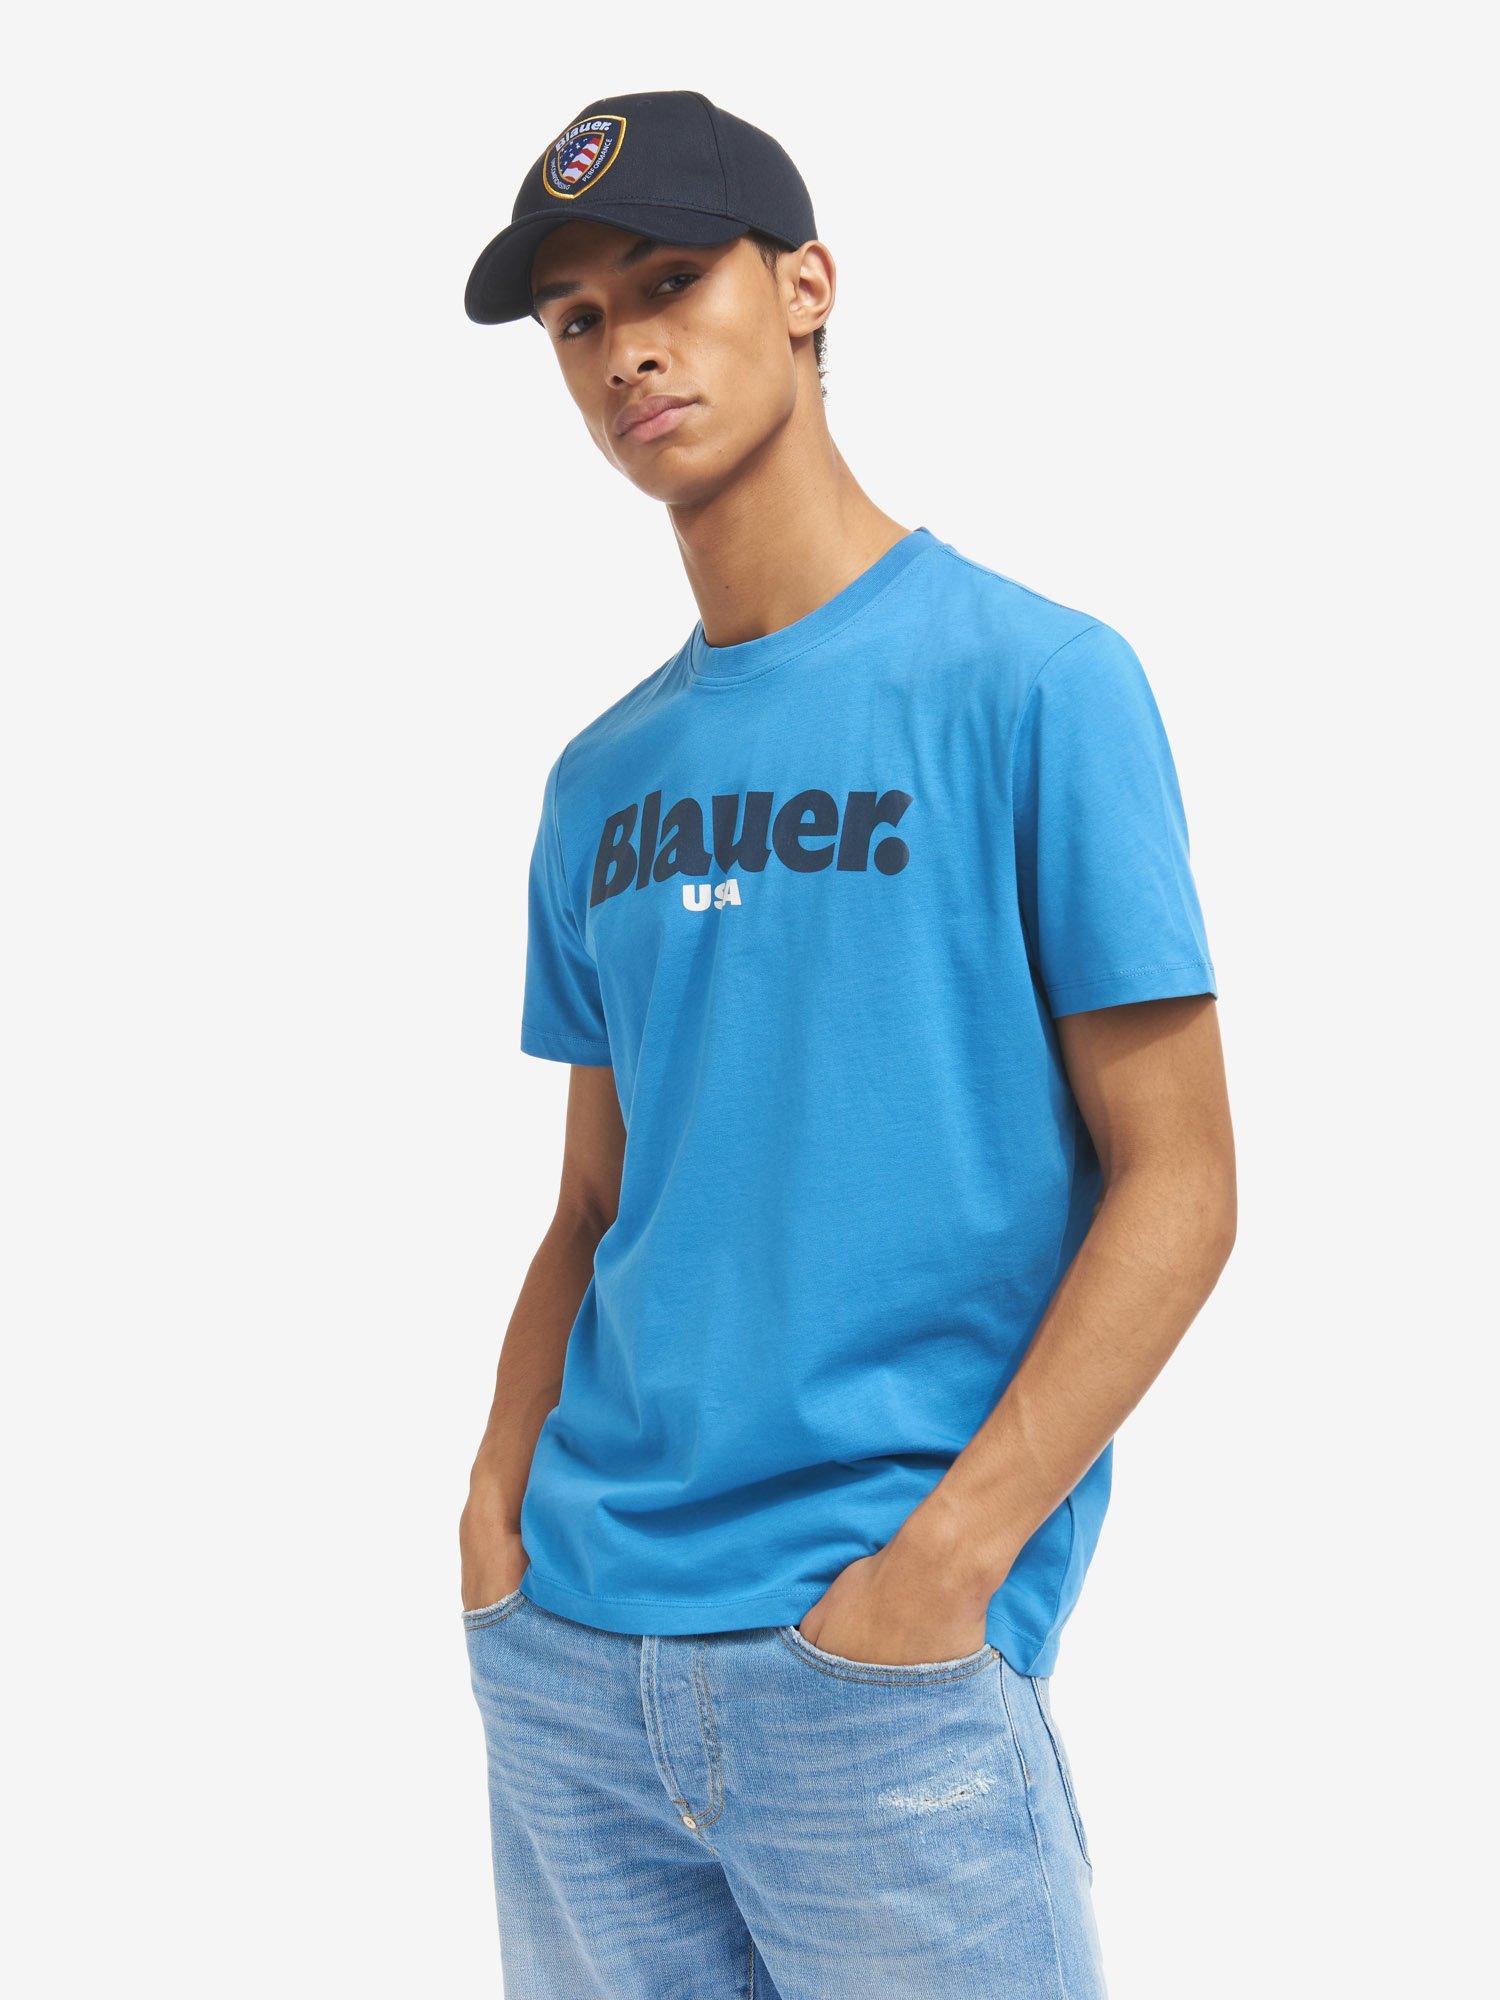 Blauer - T-SHIRT BLAUER USA - Light Sapphire Blue - Blauer